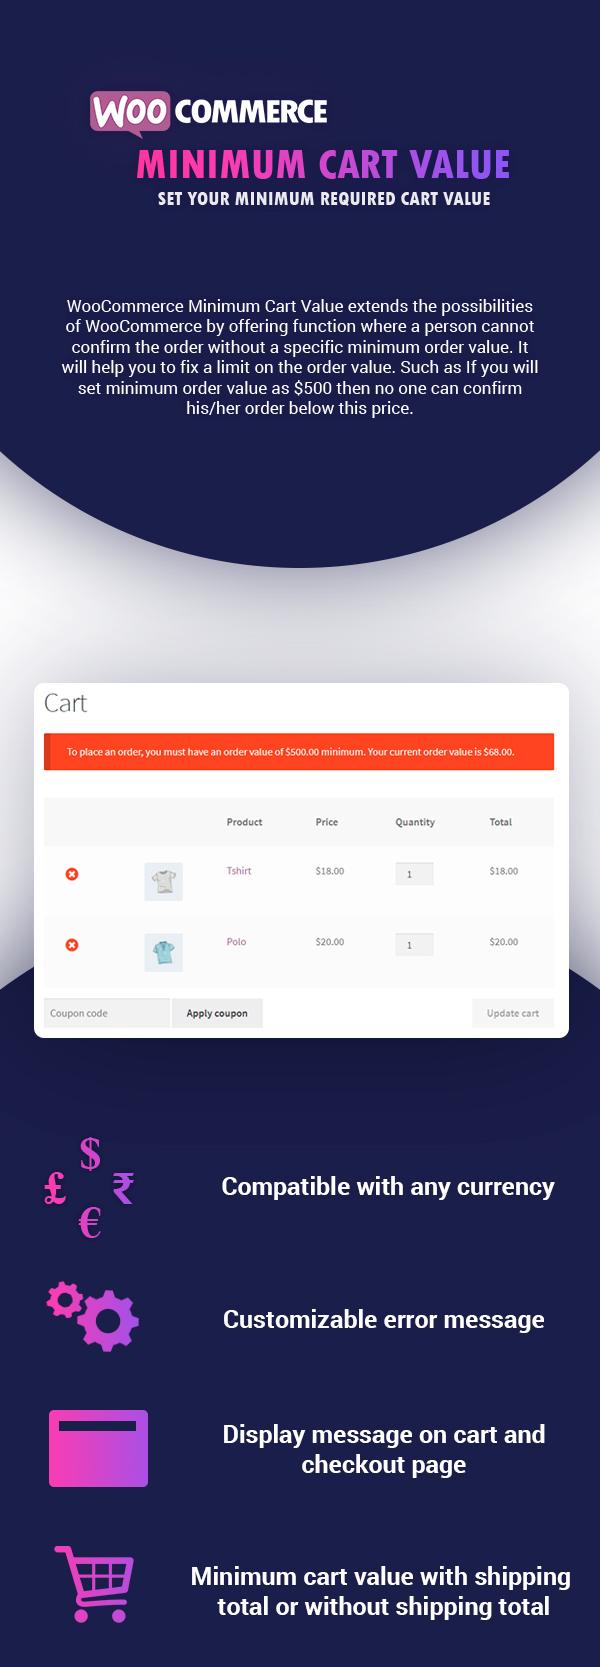 WooCommerce Minimum Cart Value - 1